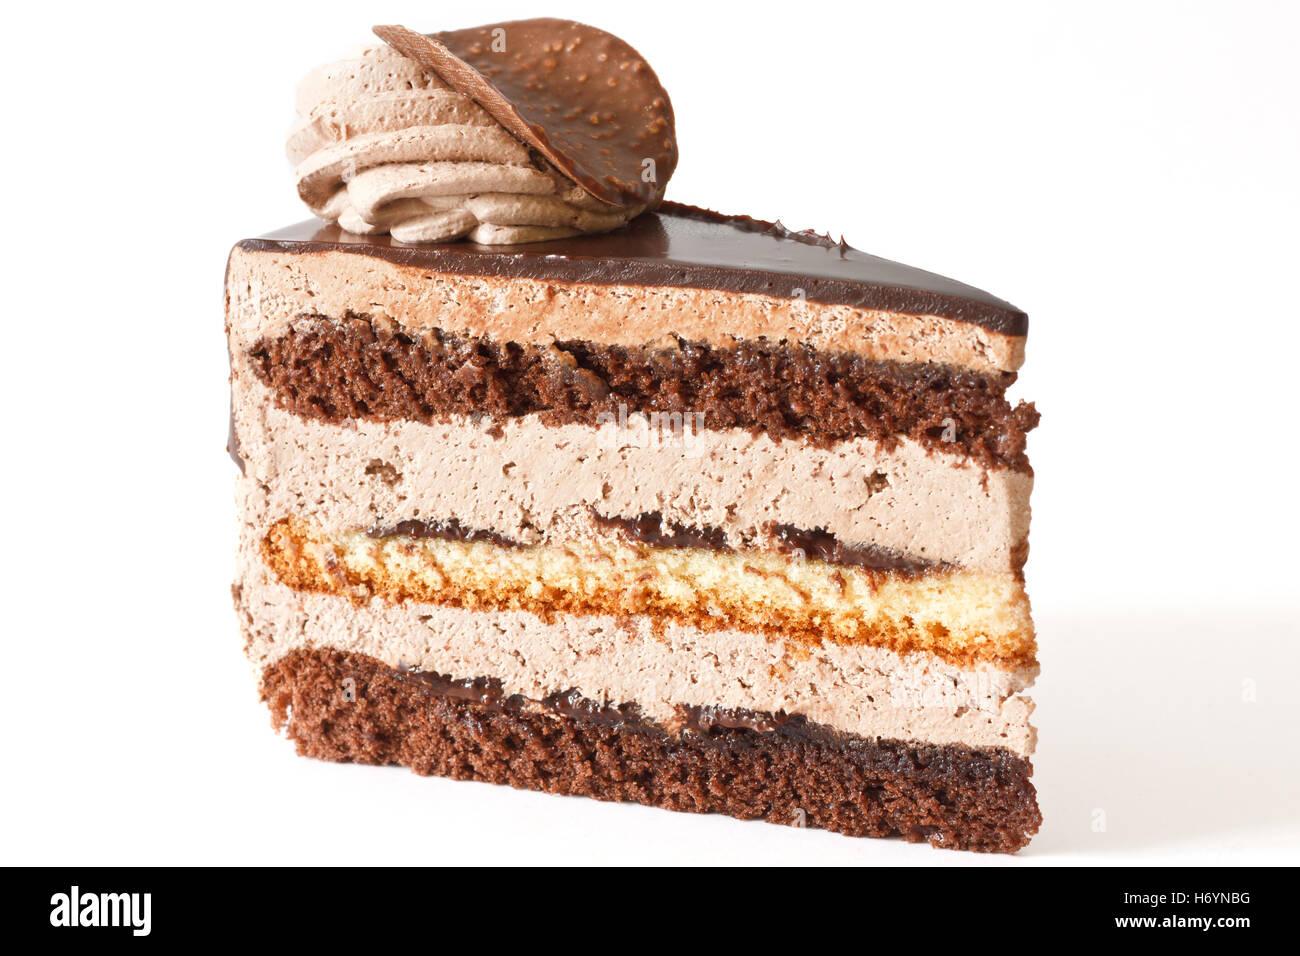 Gâteau au chocolat en couches Photo Stock